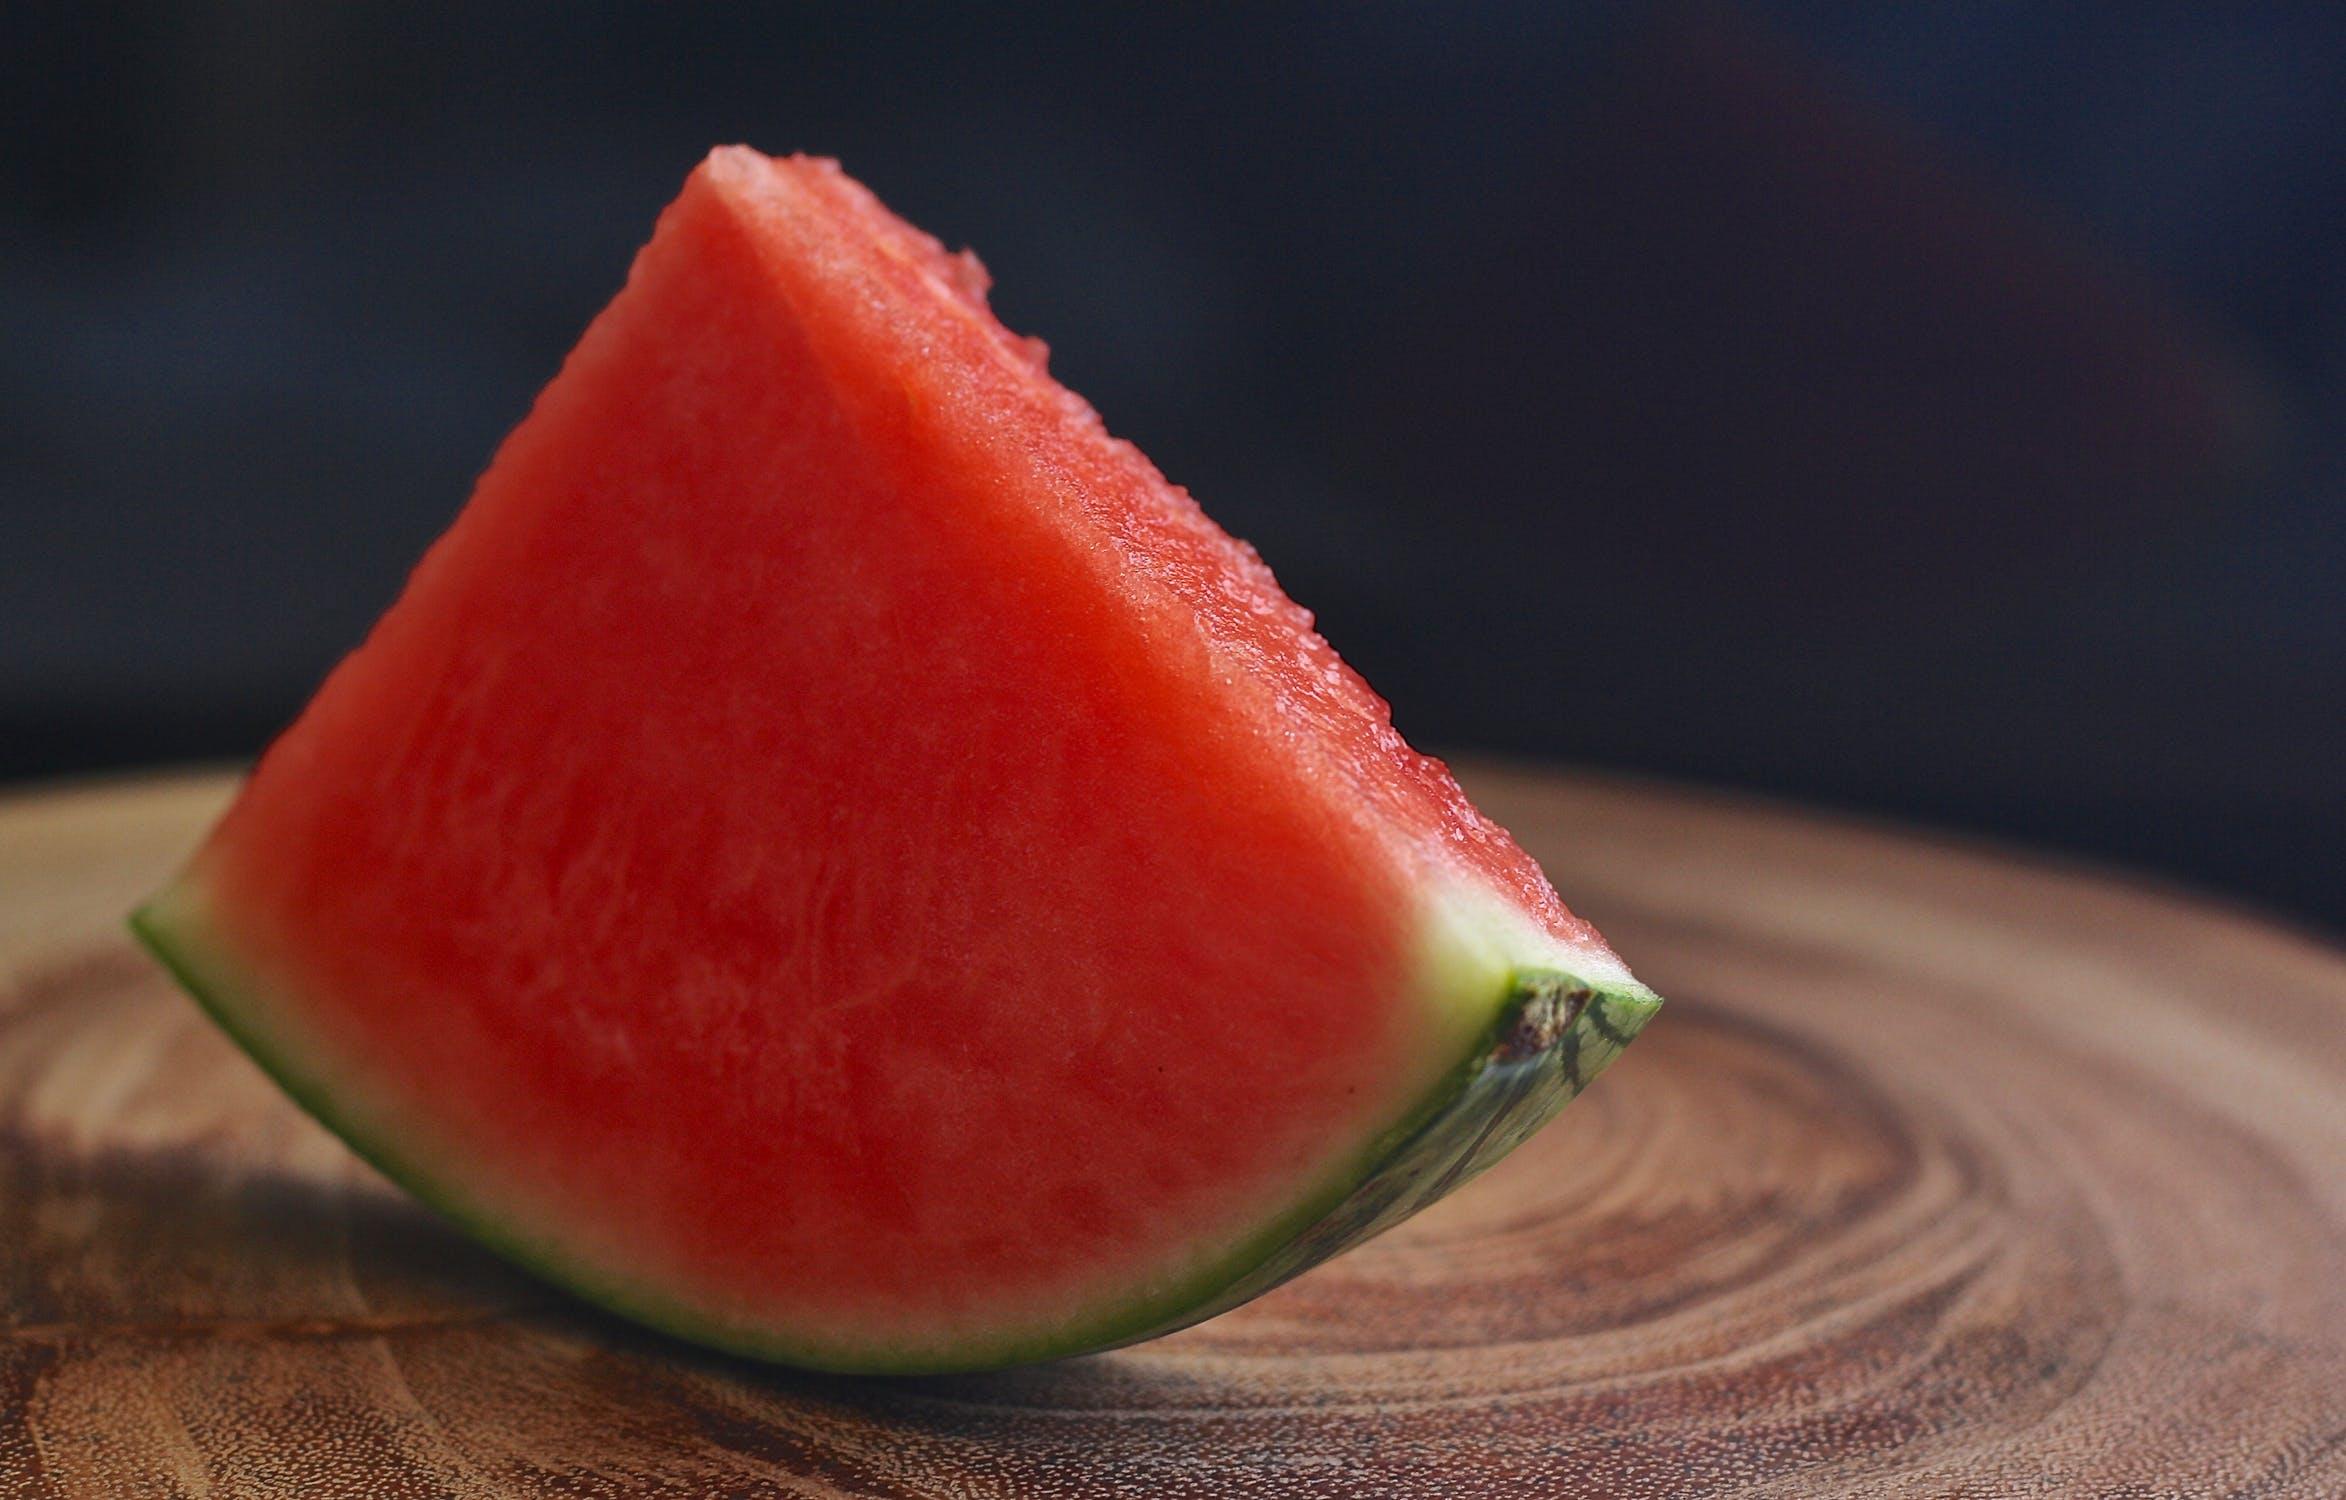 能够起到排黑色素美白的六大水果  瘦身美容  第5张